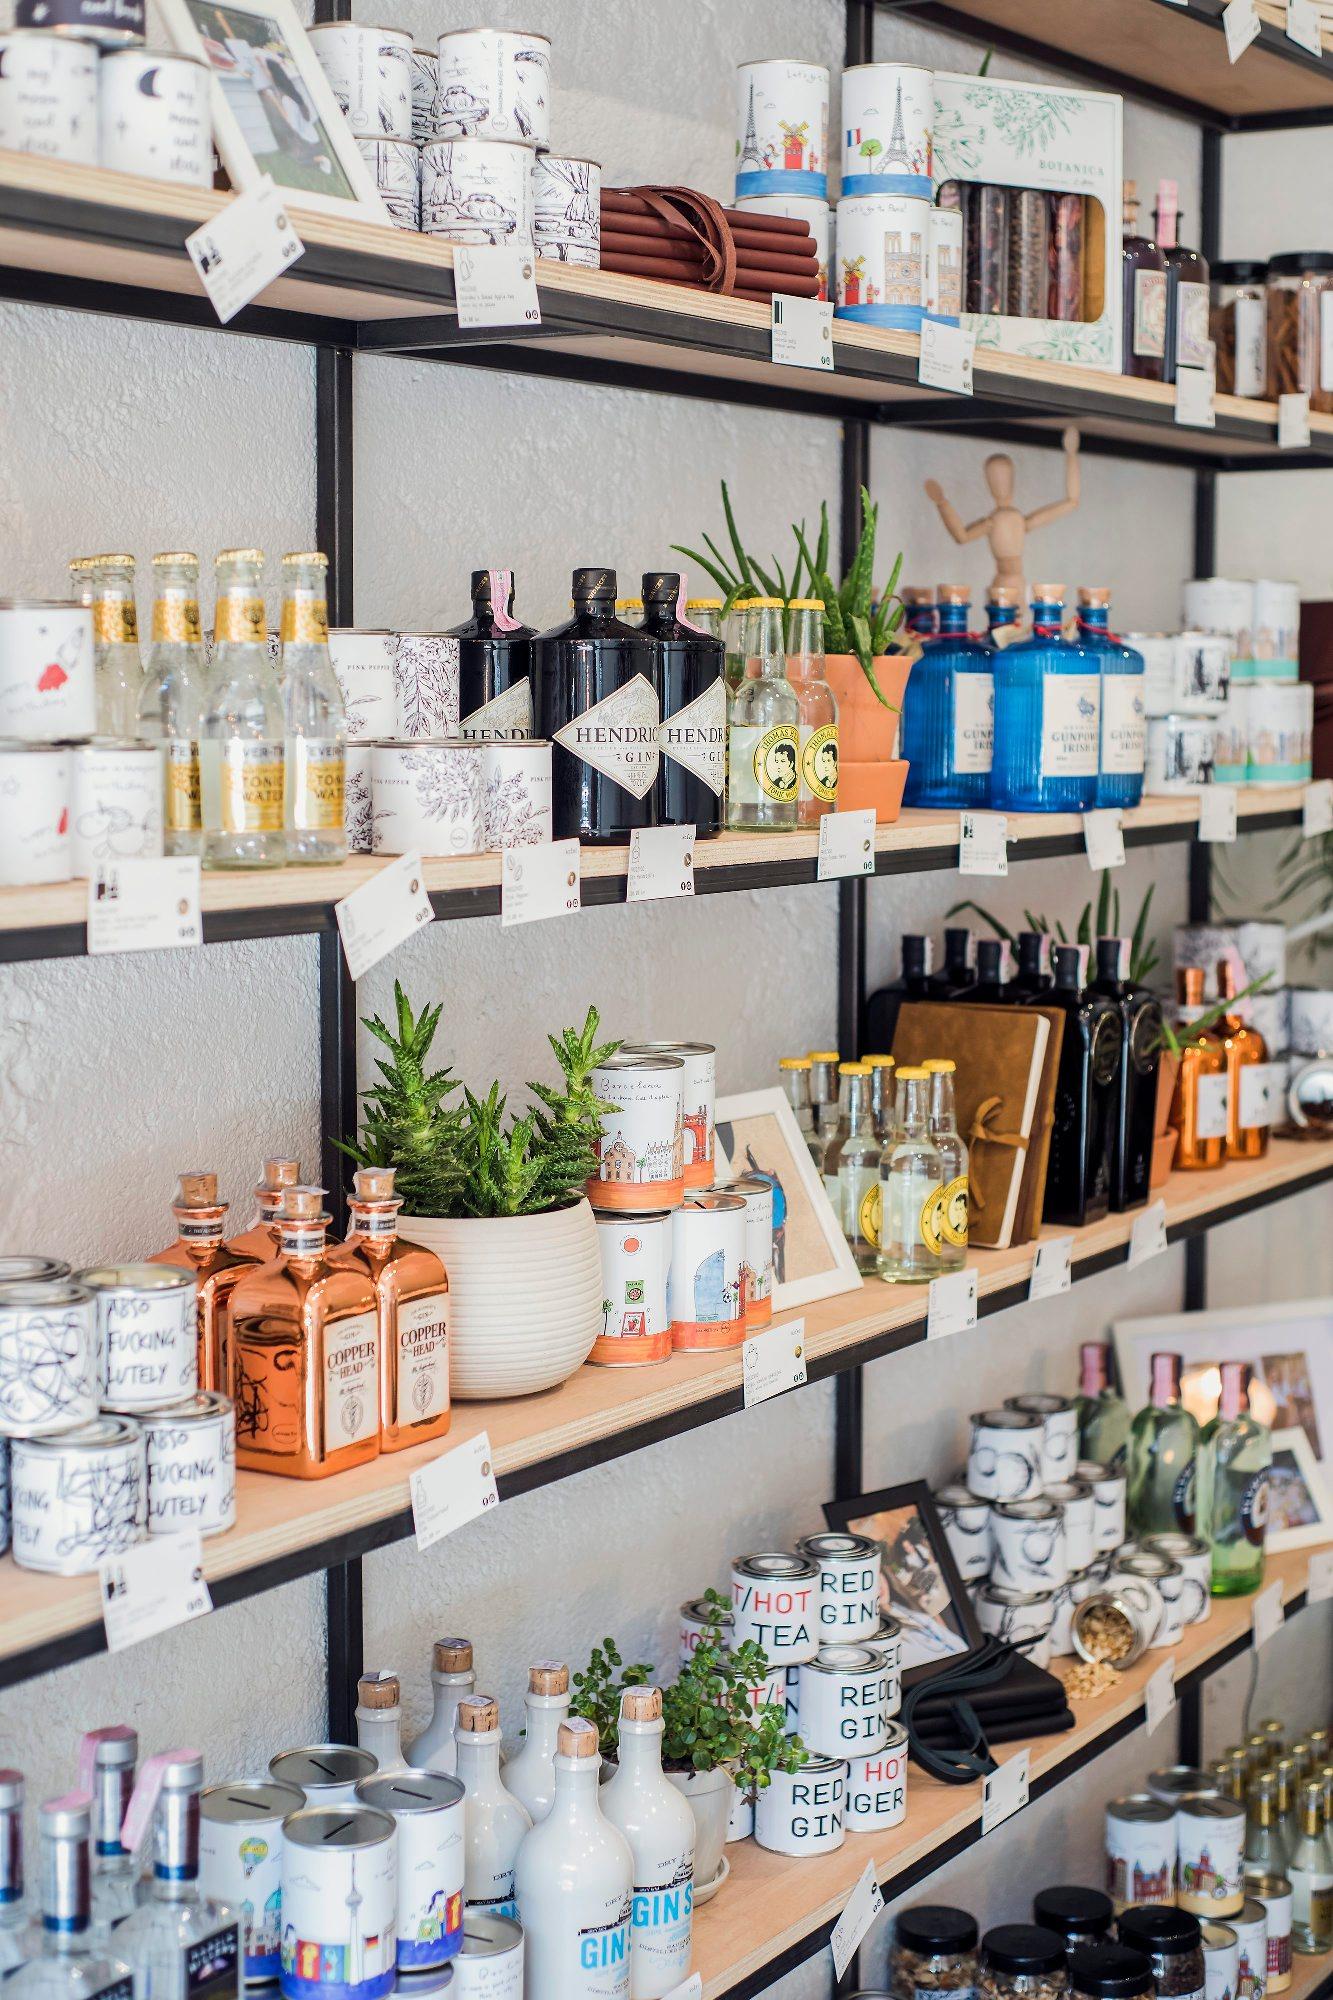 Zagreb, 250418.  Izlog trgovine Kofer u Gundulicevoj ulici. Trgovina je specijalizirana za prodaju sastojaka za gin tonic. Foto: Neja Markicevic / CROPIX